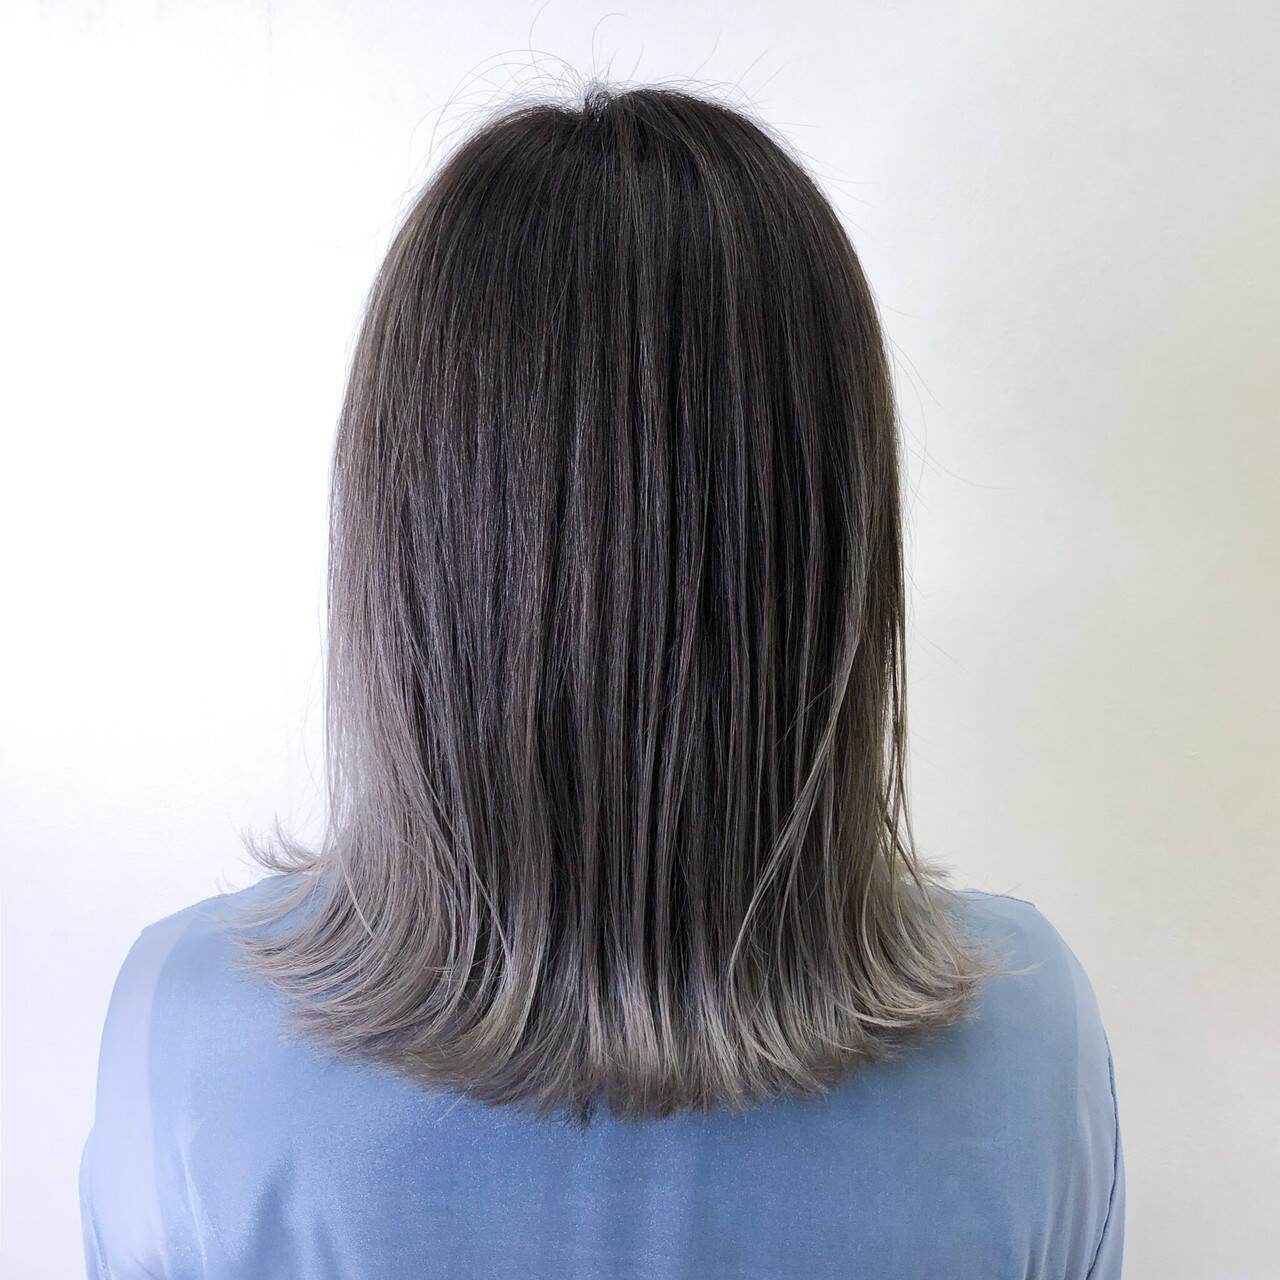 ストリート バレイヤージュ コントラストハイライト アッシュグレーヘアスタイルや髪型の写真・画像